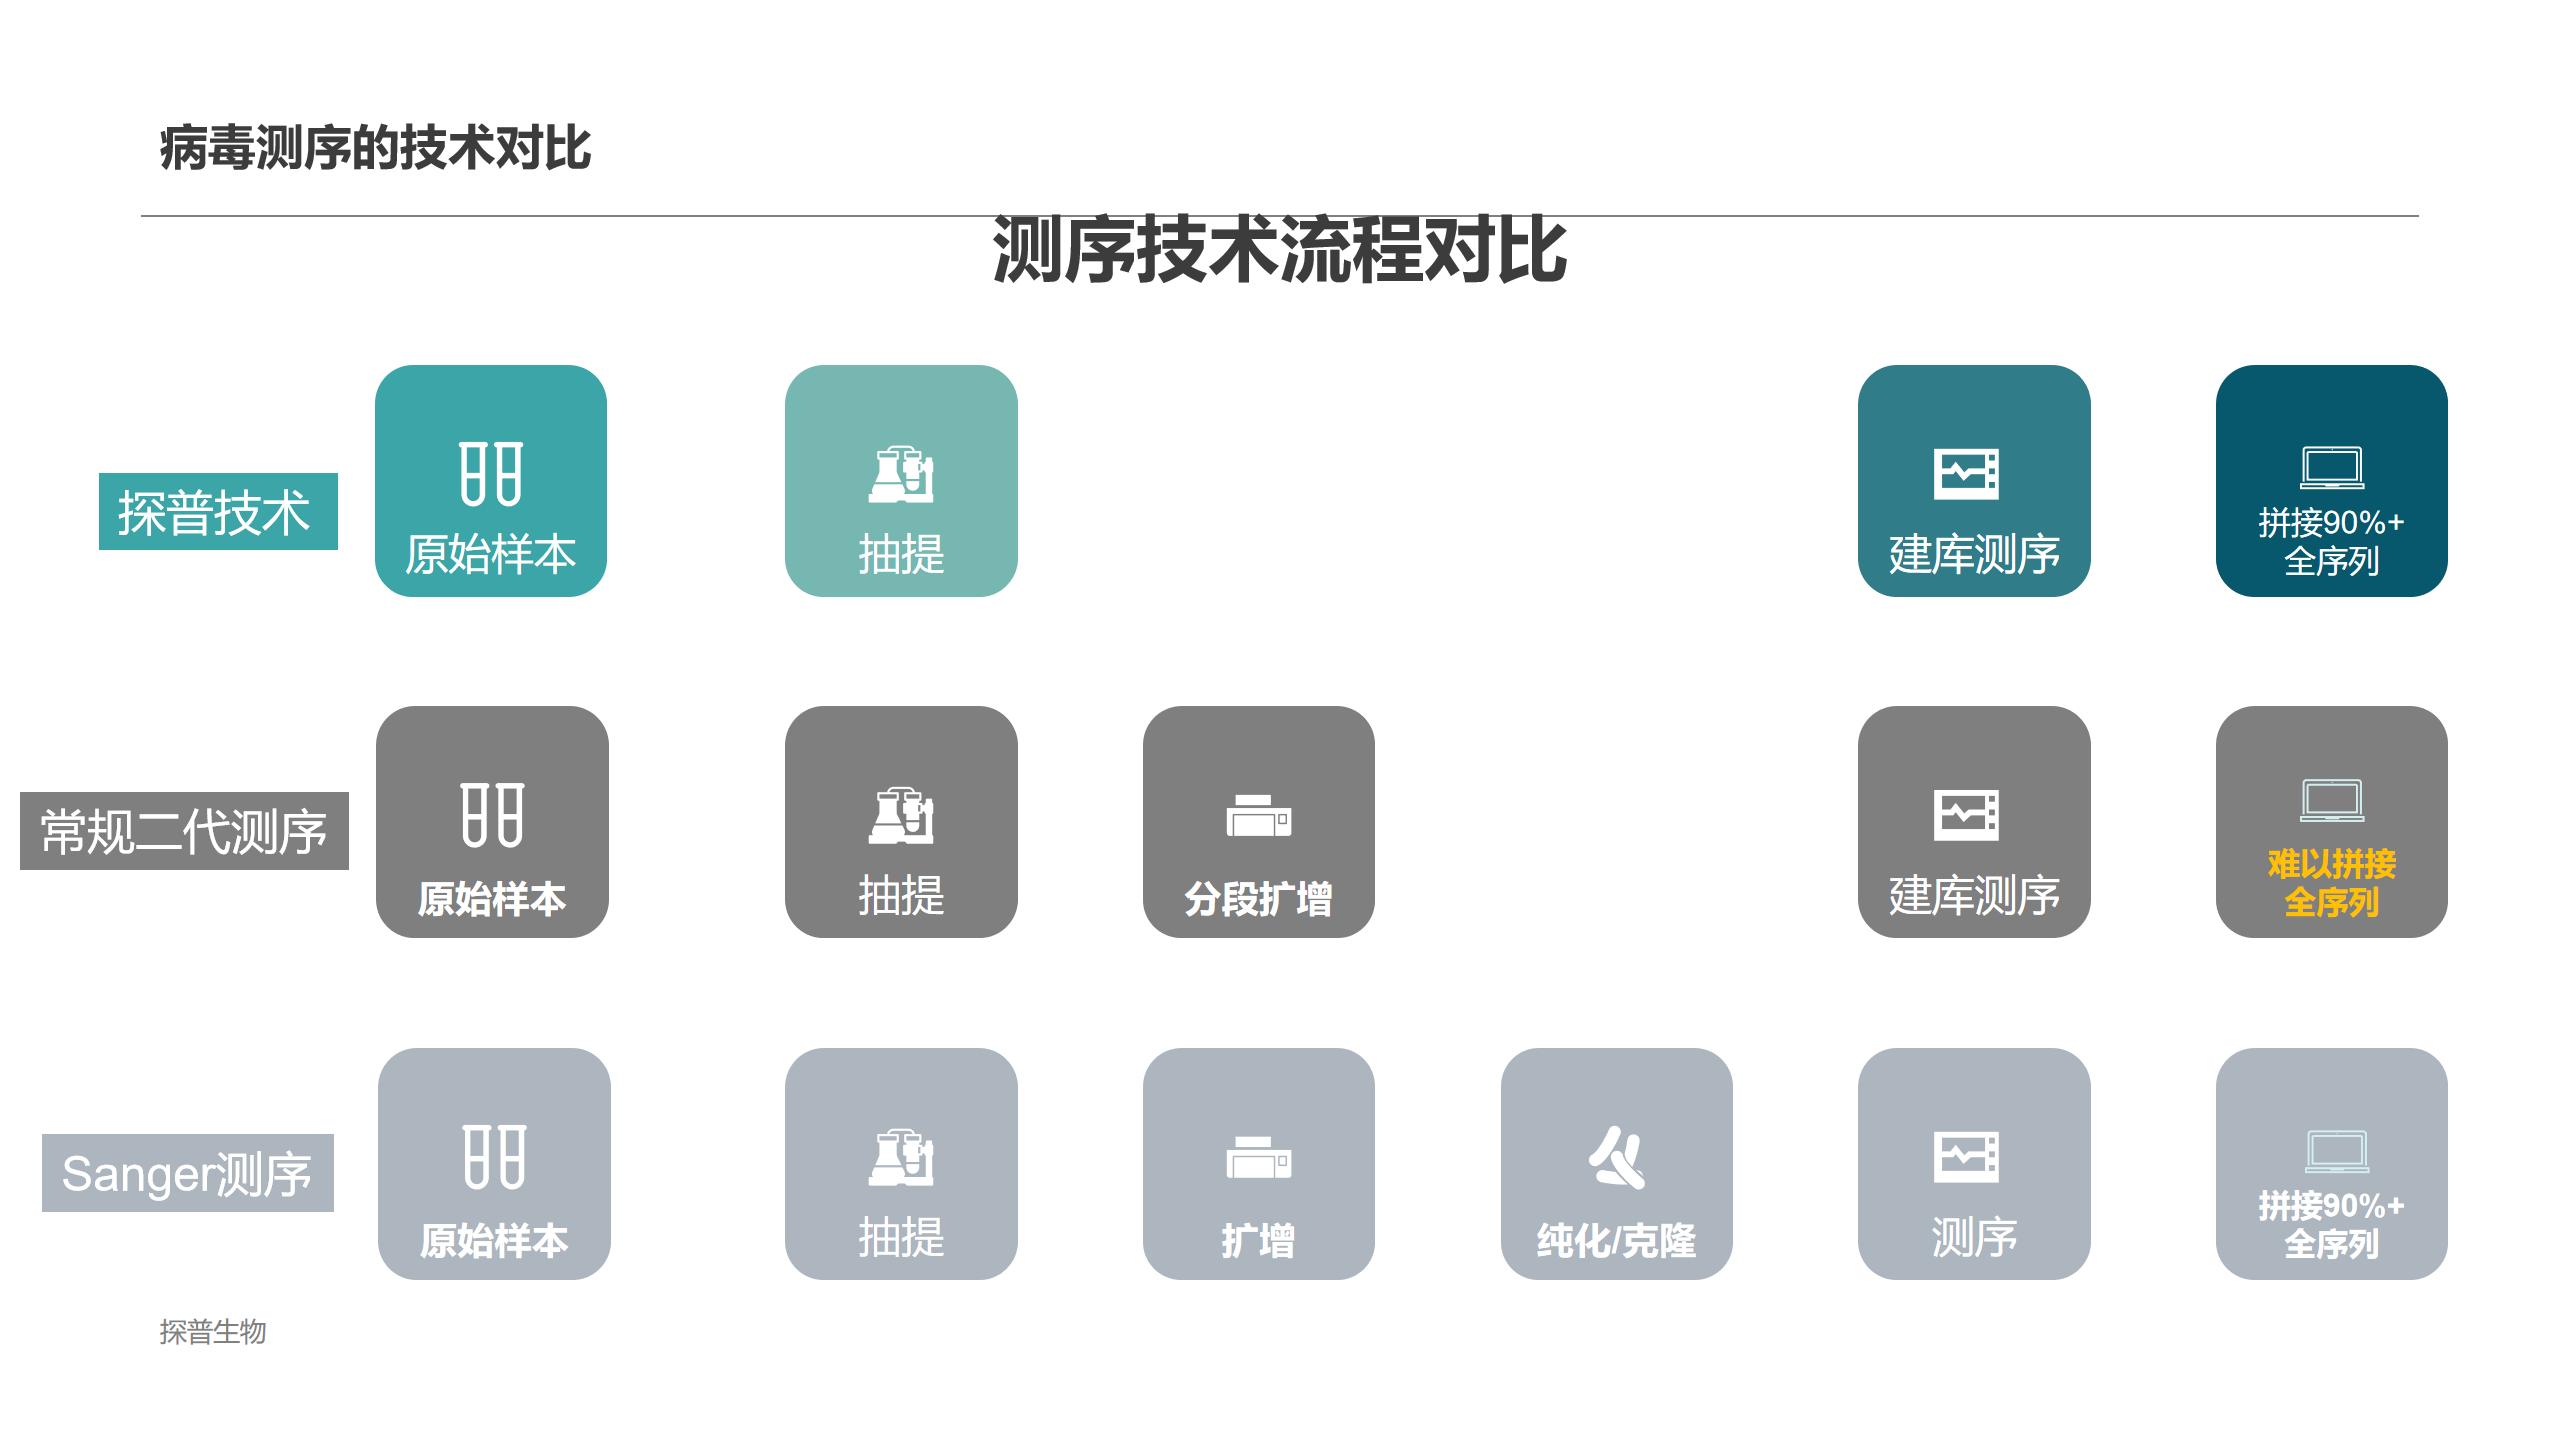 知名对病毒的全基因组进行测序常用解决方案 创新服务「上海探普生物科技供应」